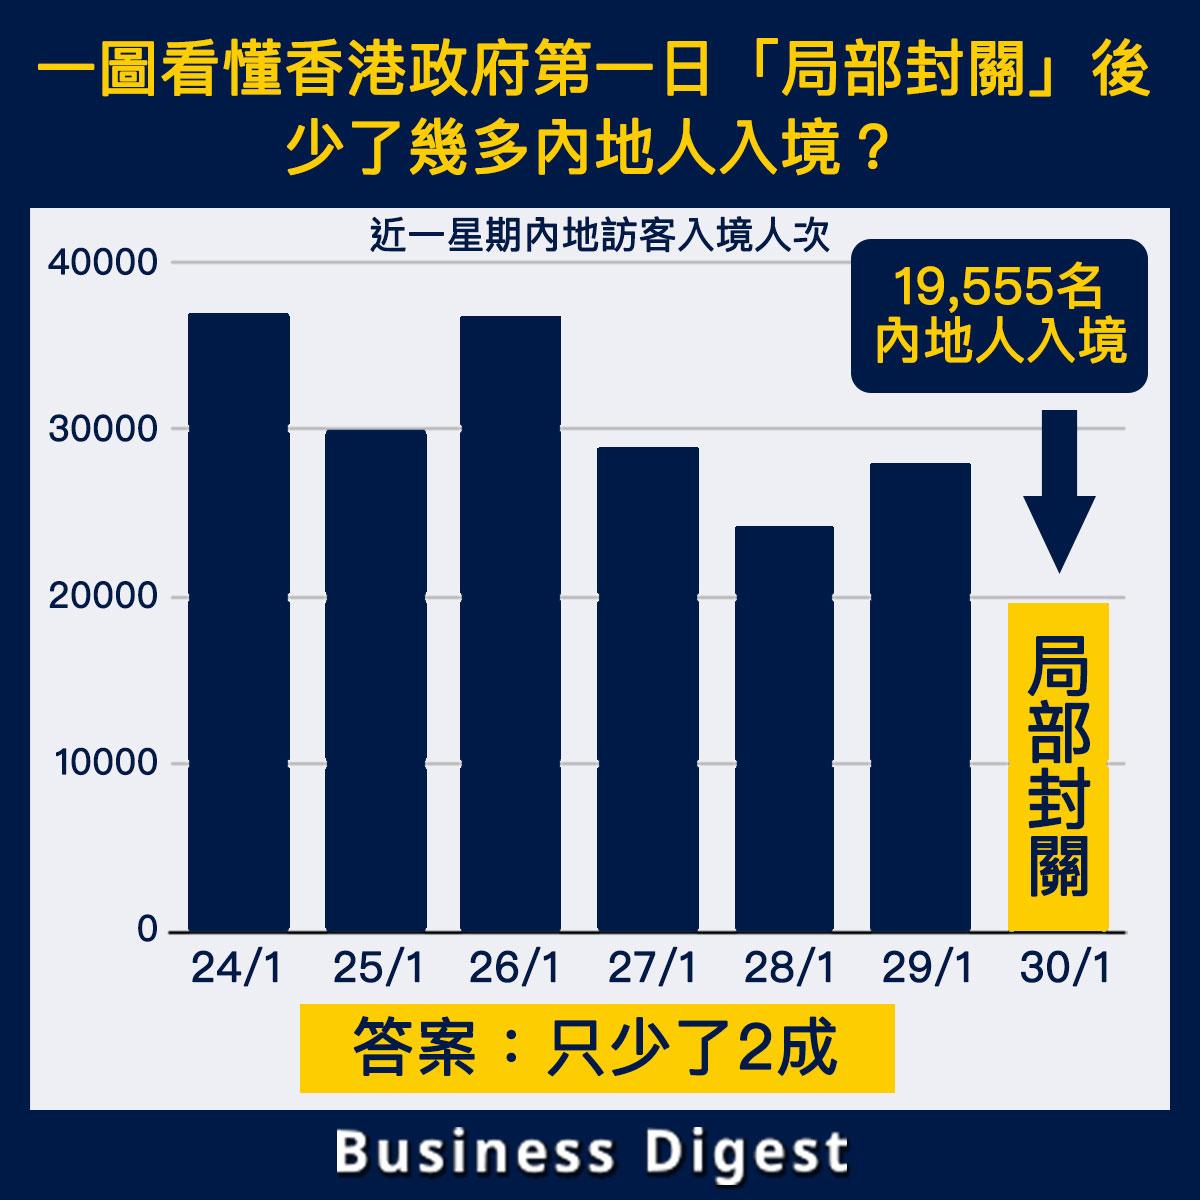 【從數據認識封關】香港政府第一日「局部封關」後少了多少內地人入境?兩成